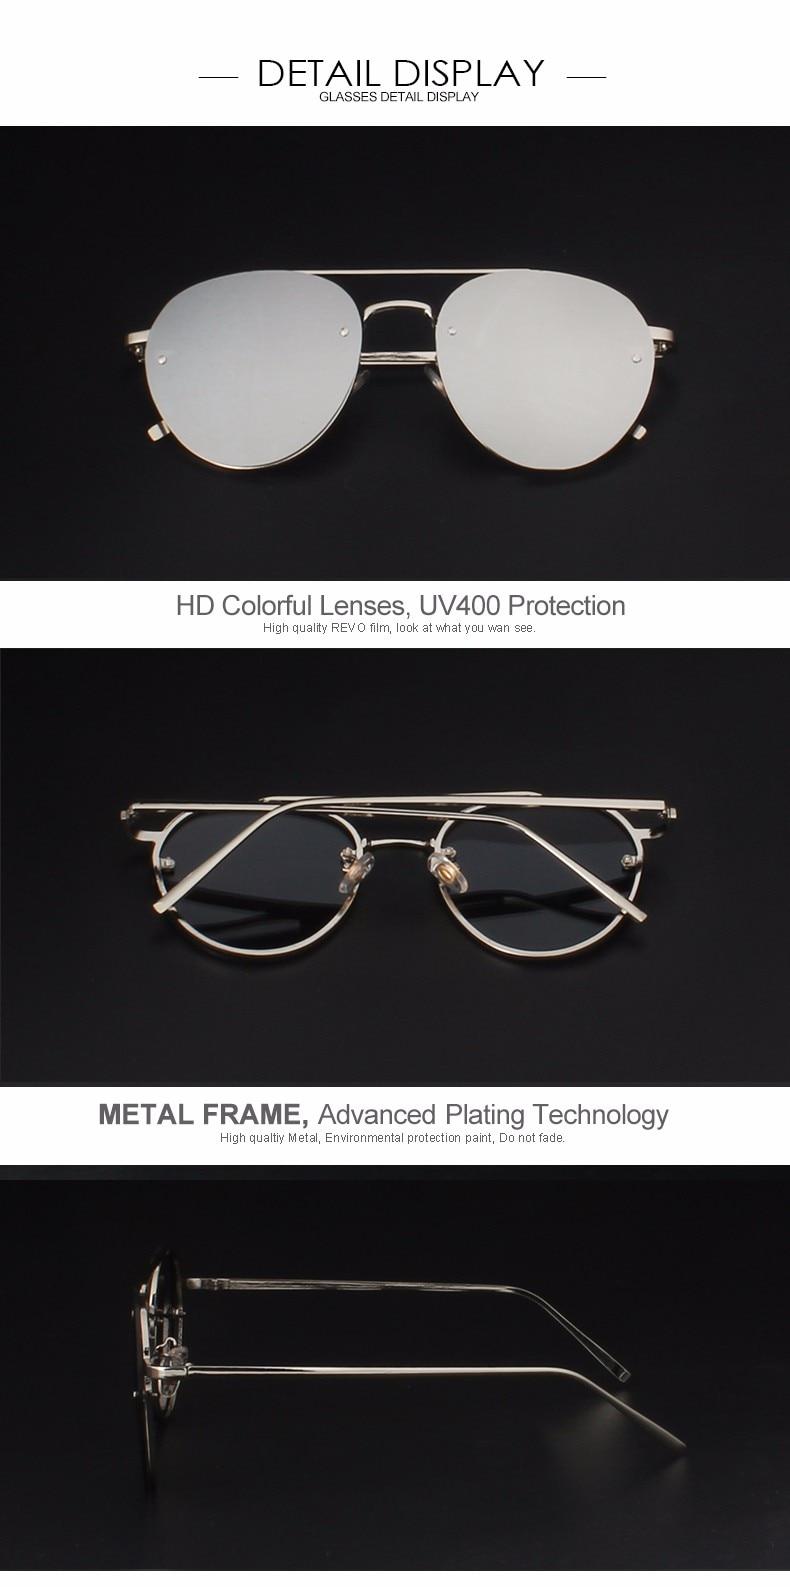 ea2f19388 POLYREAL النساء بدون شفة الطيران النظارات الشمسية الرجال الأزياء مرآة  الطيار نظارات شمسية ل الذكور القيادة نظارات الرؤية الليلية